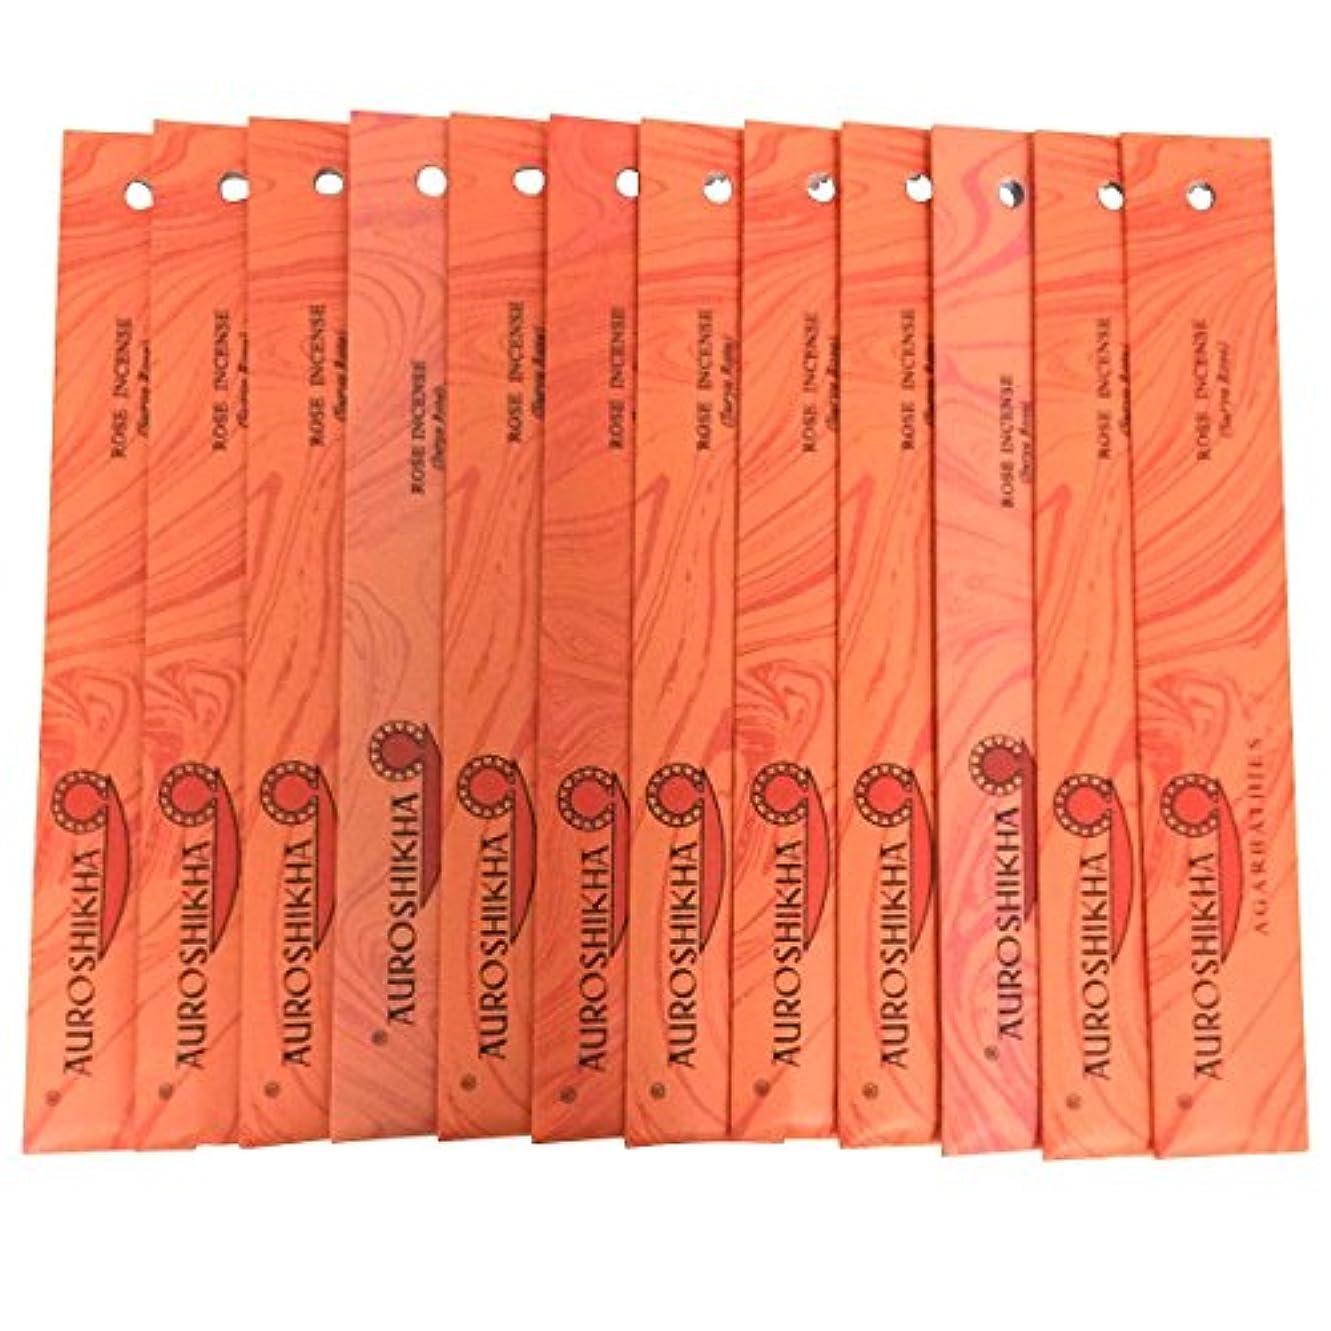 キャスト数学者匹敵しますAUROSHIKHA オウロシカ(ROSEスリヤローズ12個セット) マーブルパッケージスティック 送料無料